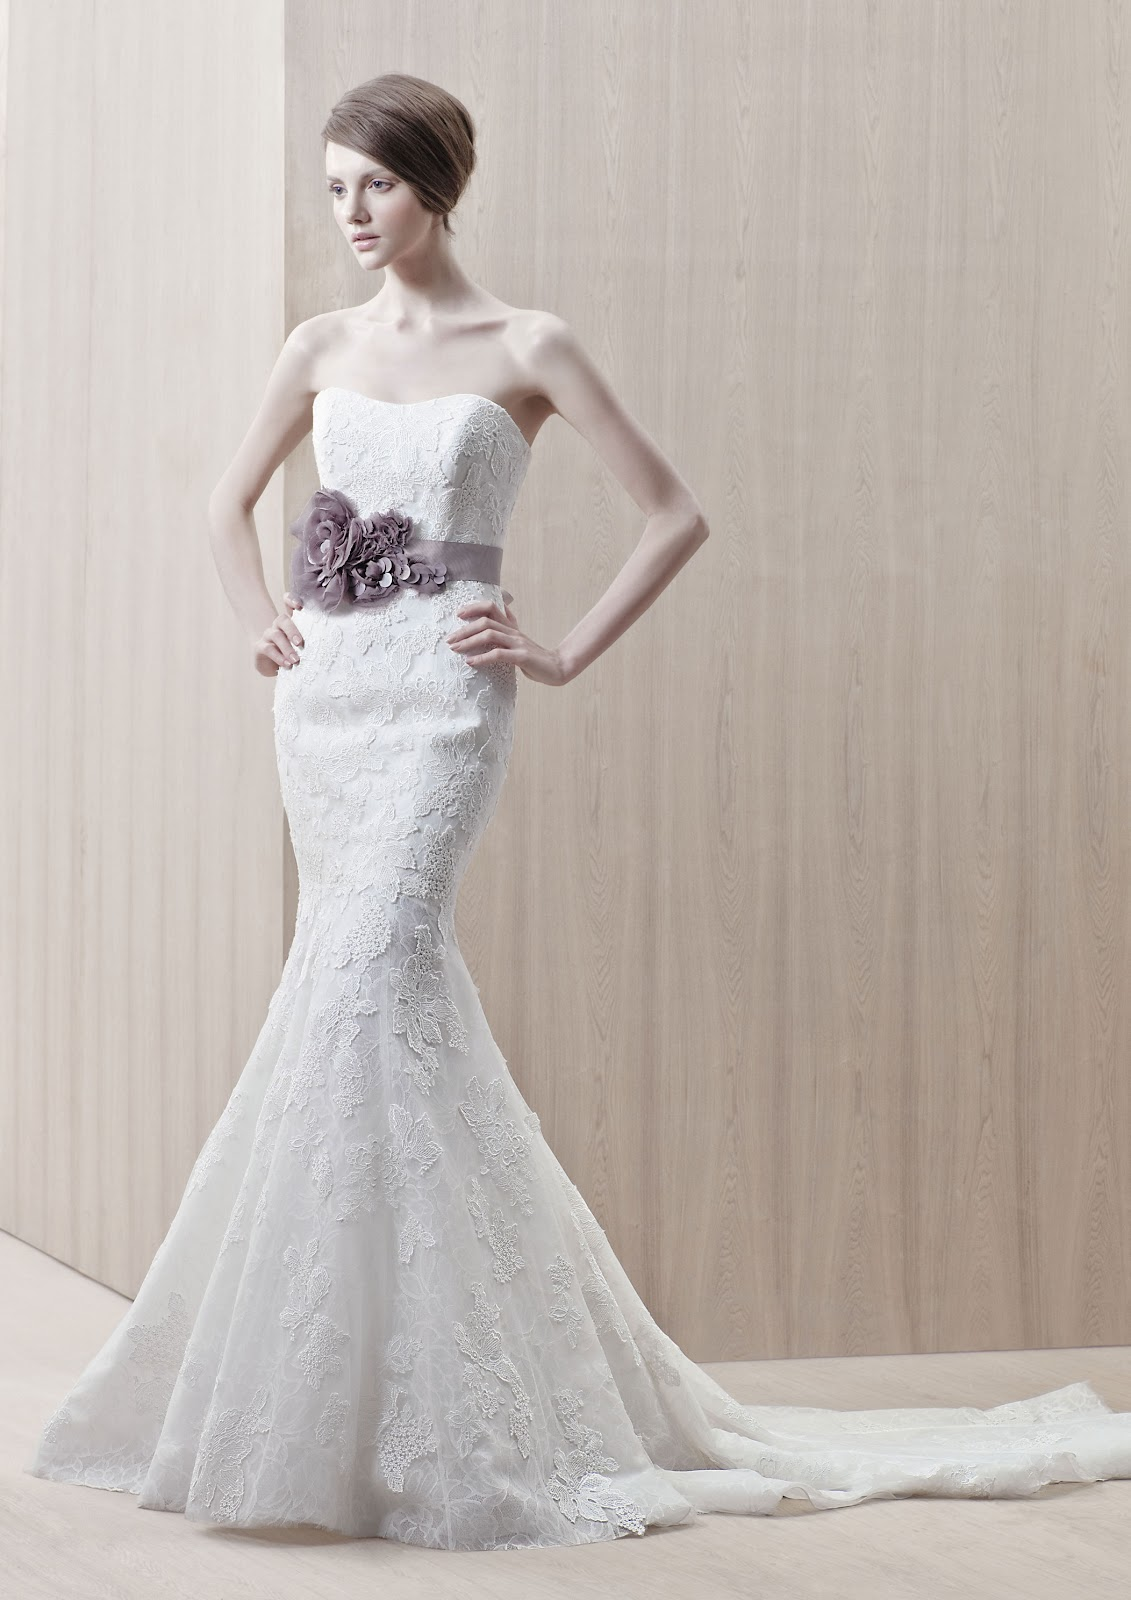 Der zeitlose Klassiker - eine Spitze Brautkleid - Beste Brautkleide